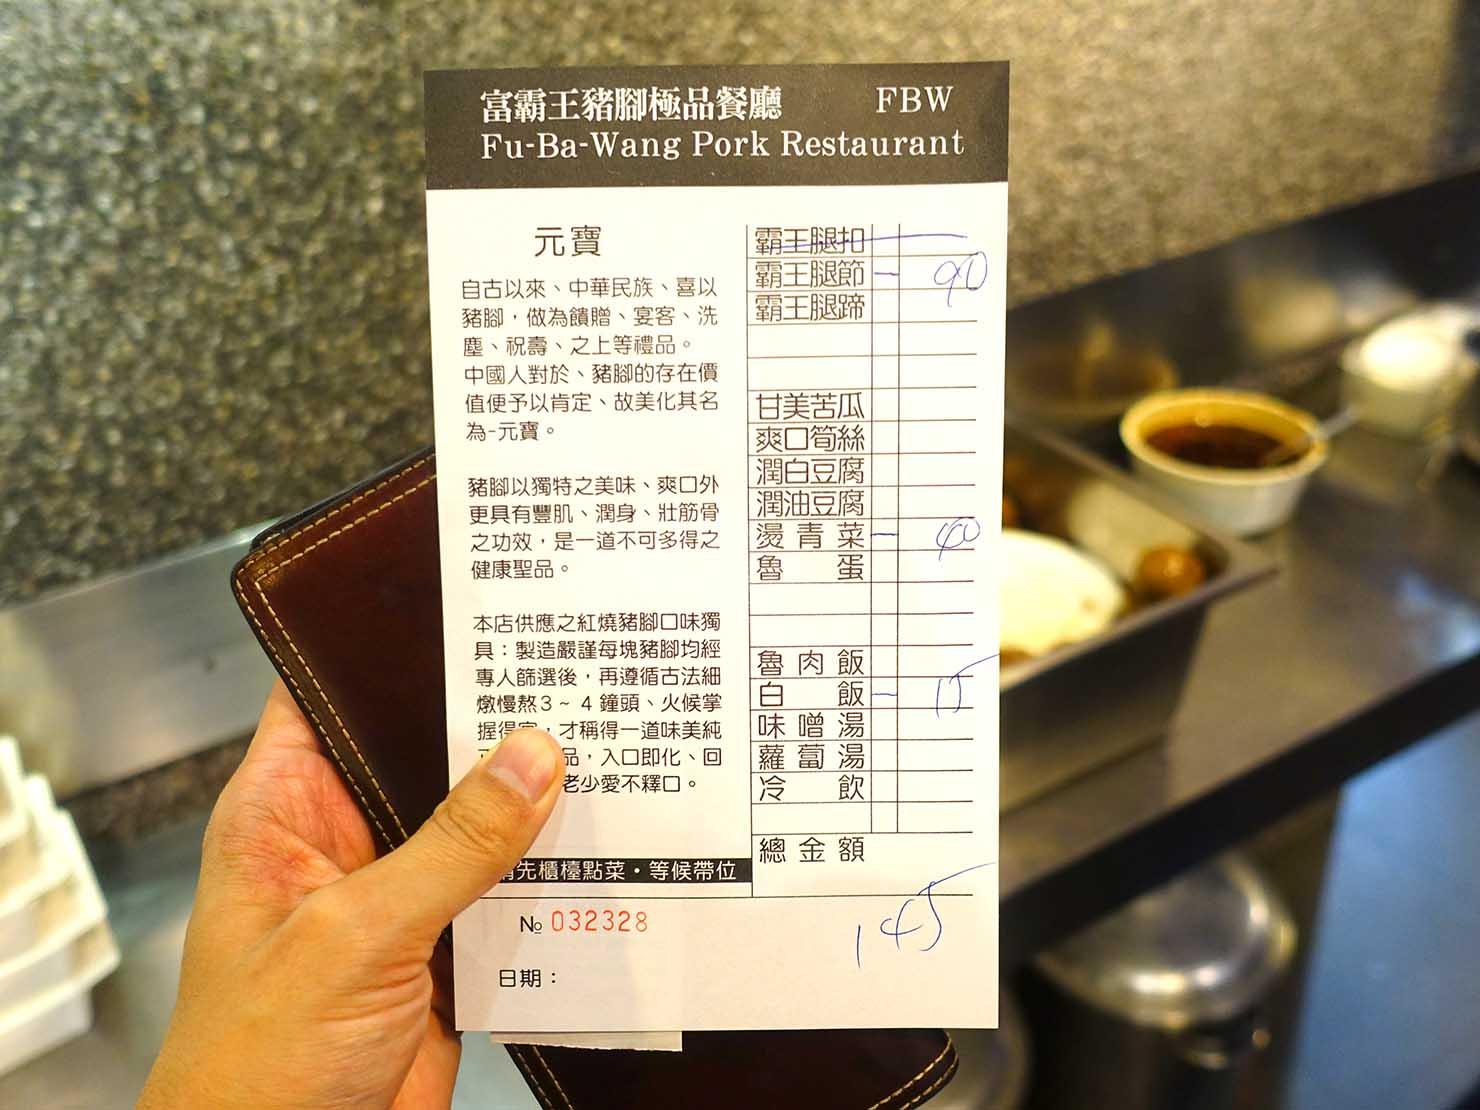 台北・松江南京駅(四平街商圈)周辺のおすすめグルメ店「富霸王豬腳」のメニュー